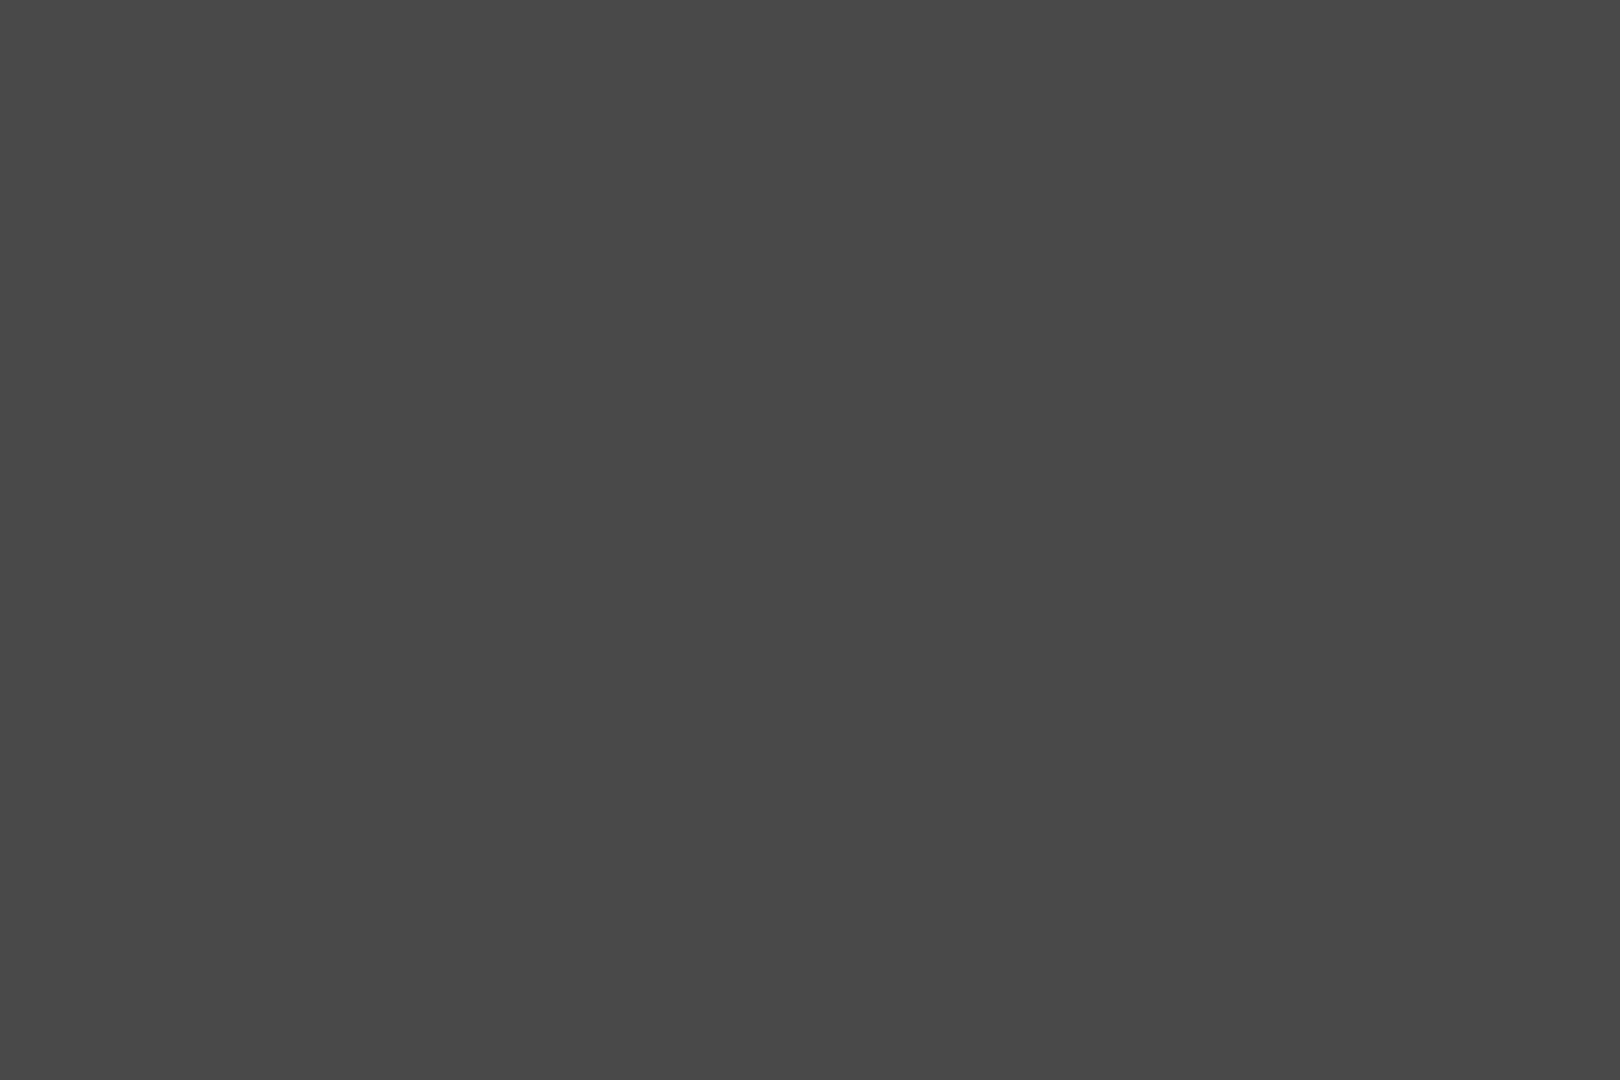 バレー洗面所Vol.2 お姉さん丸裸 オマンコ無修正動画無料 87pic 2